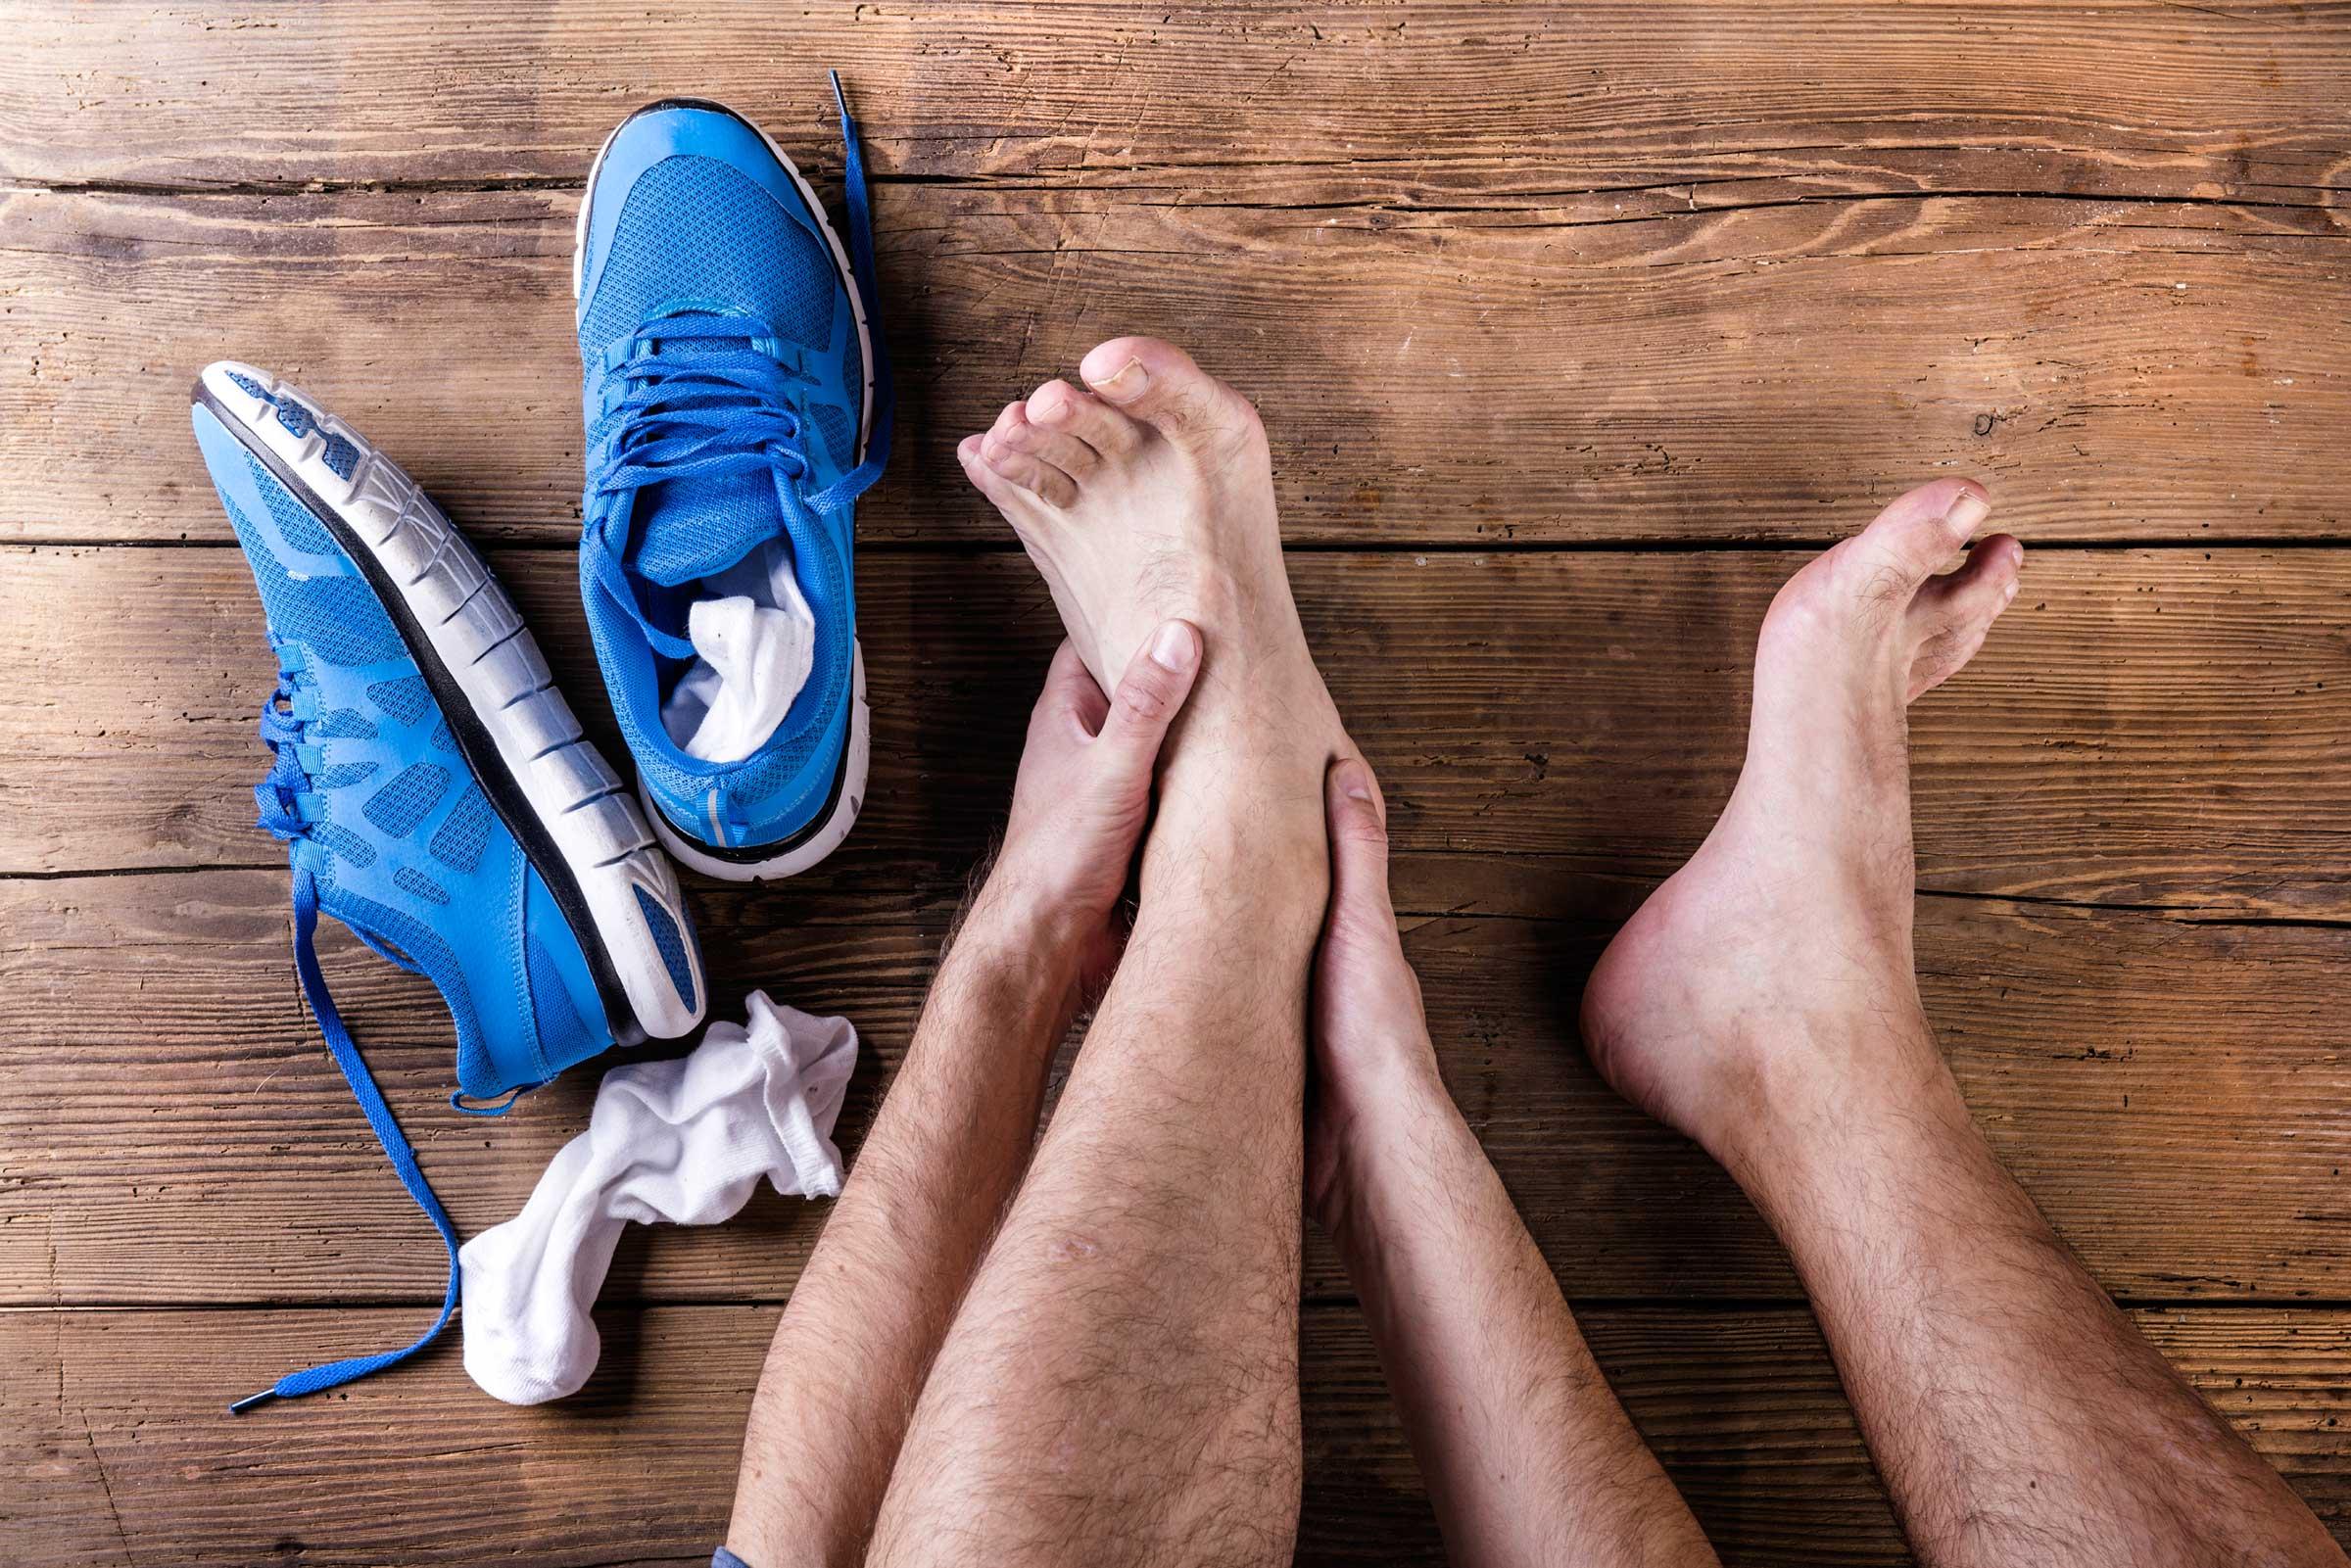 Во время повреждения смещаются суставы, что причиняет сильную боль